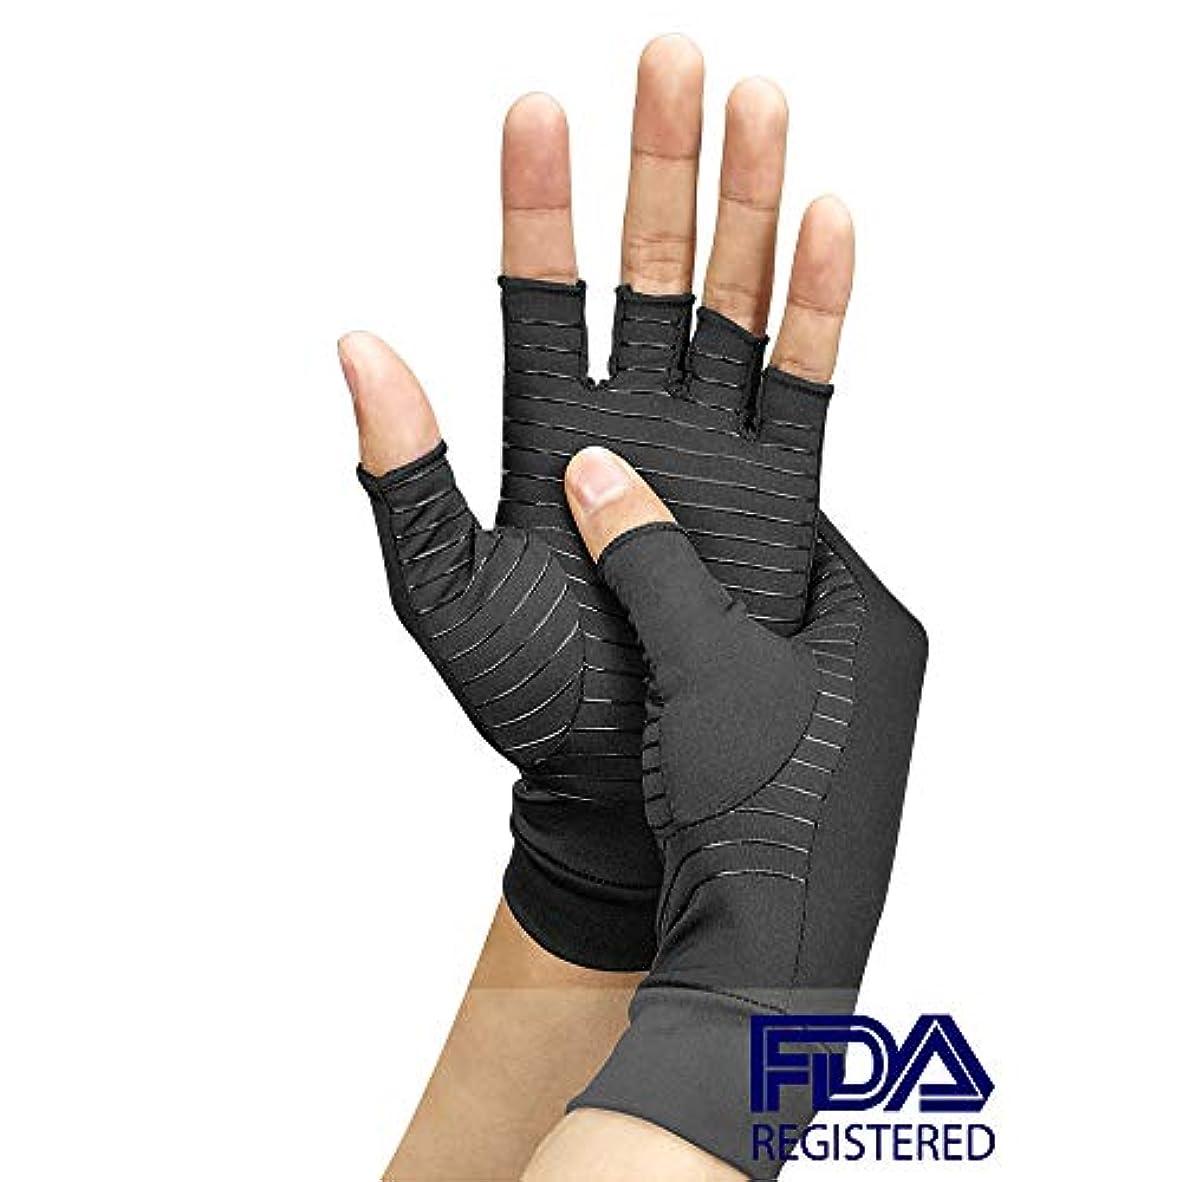 政治家の目指す発行関節炎圧縮手袋は、リウマチ、RSI、手根管のコンピューター入力と日常作業、手と関節のサポートから痛みを和らげます